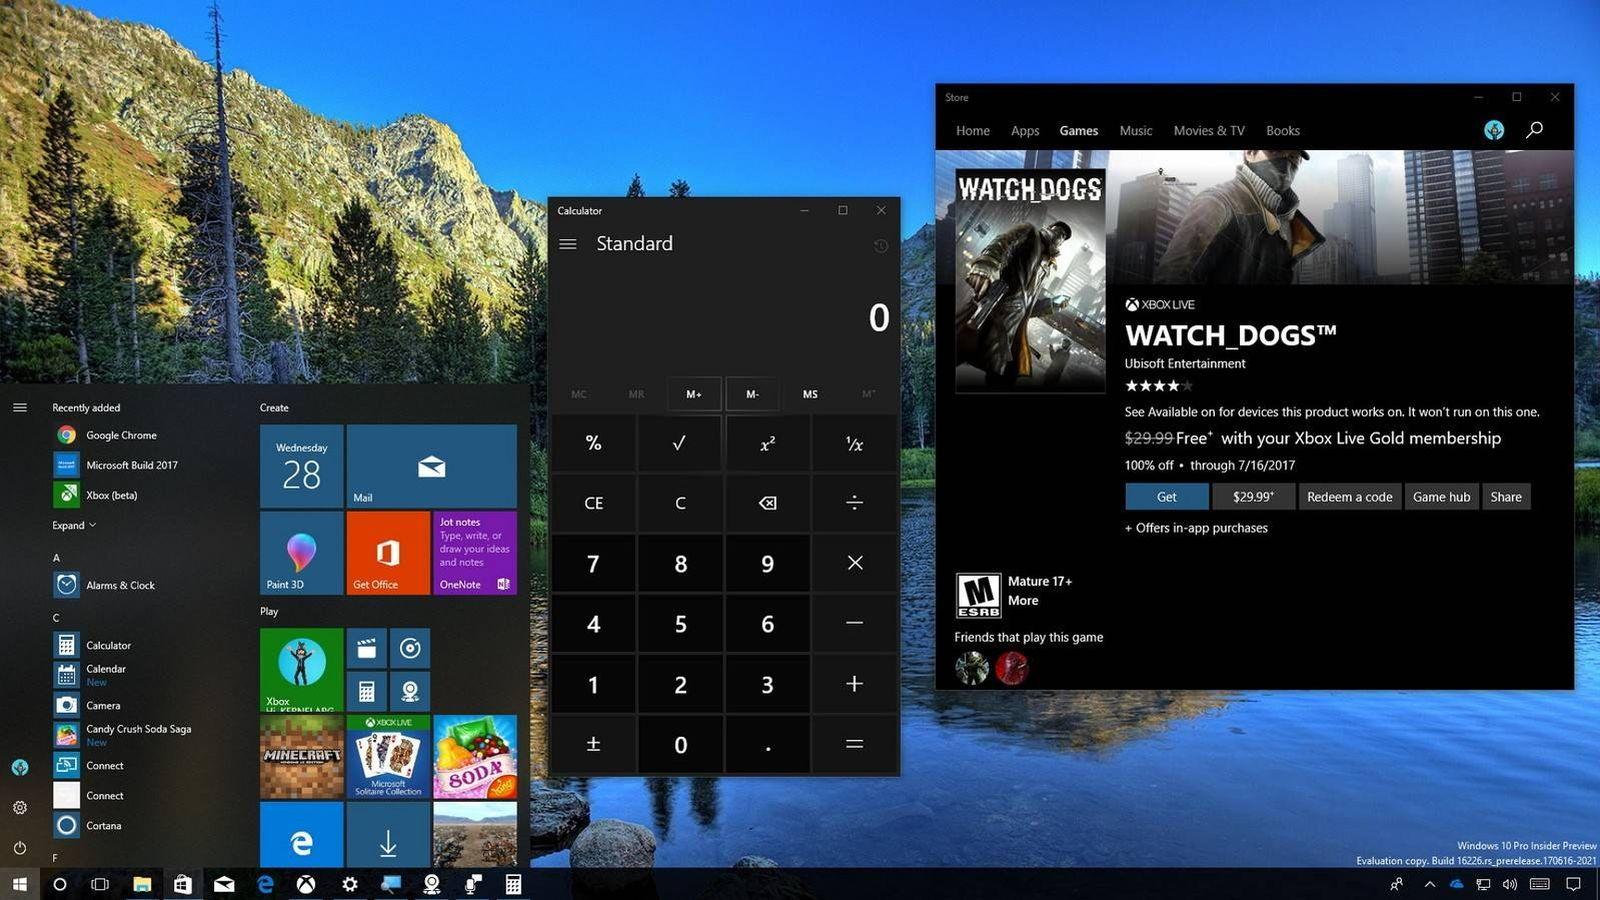 Informática: Si aún usas esta versión antigua de Windows 10